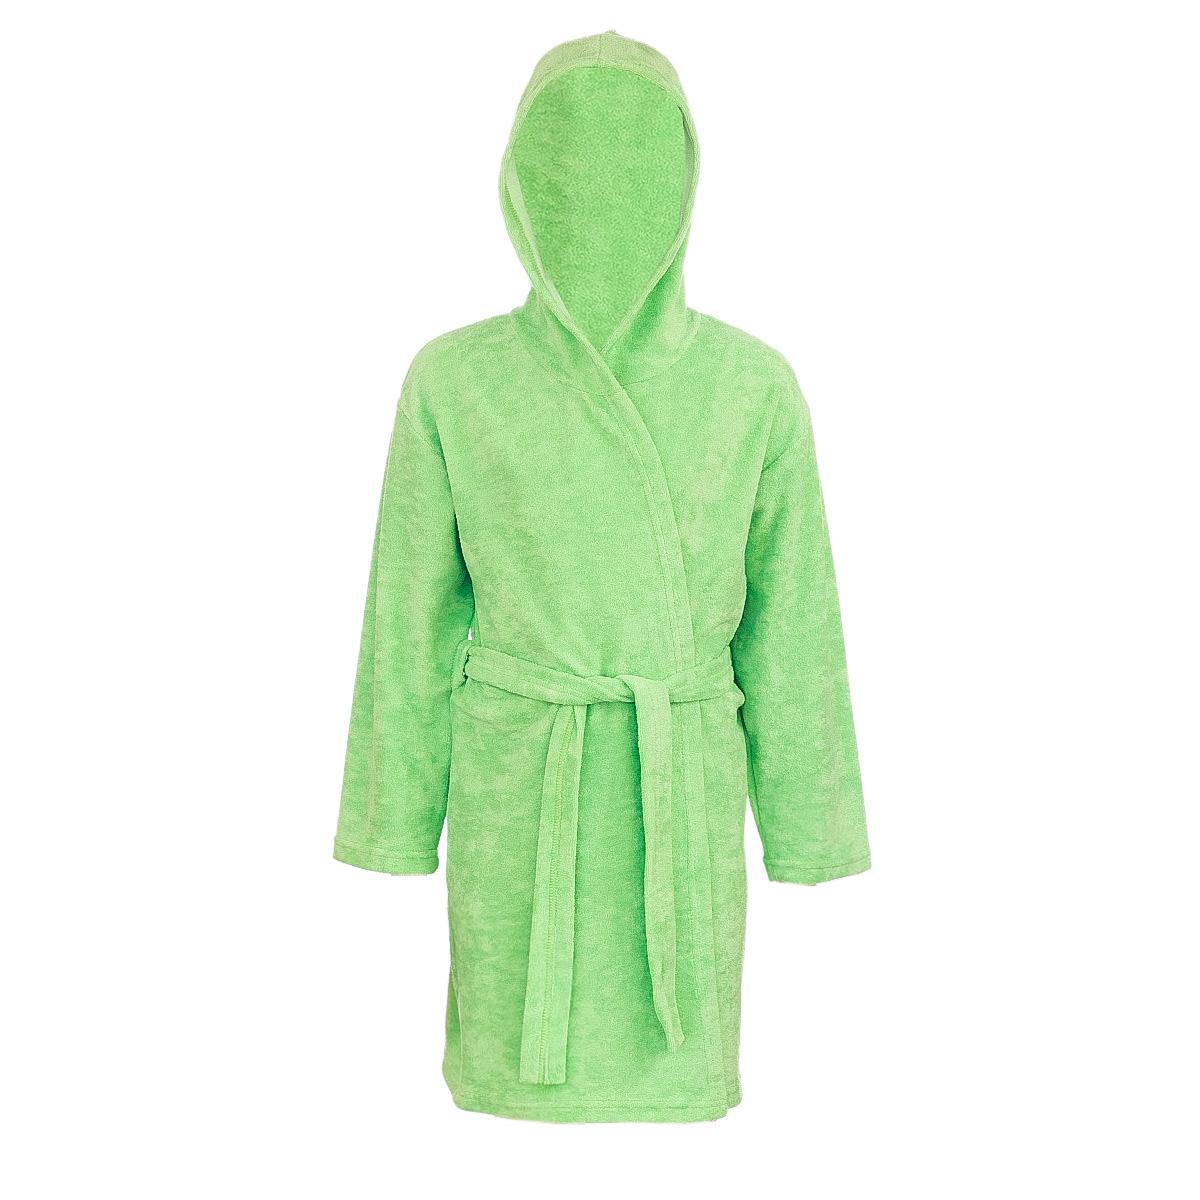 Халат детский M&D, цвет: салатовый. Х70514. Размер 92Х70514Мягкий и пушистый халат от фирмы M&D выполнен из хлопка с добавлением полиэстера, приятен к телу и износоустойчив.Халат можно носить по дому или надевать выходя из ванной. Ткань хорошо впитывает влагу и быстро сохнет. Модель с капюшоном и длинными рукавами оснащена шлёвками и поясом.Изделие понравится ребенку, подарит ему тепло, комфорт и уют.